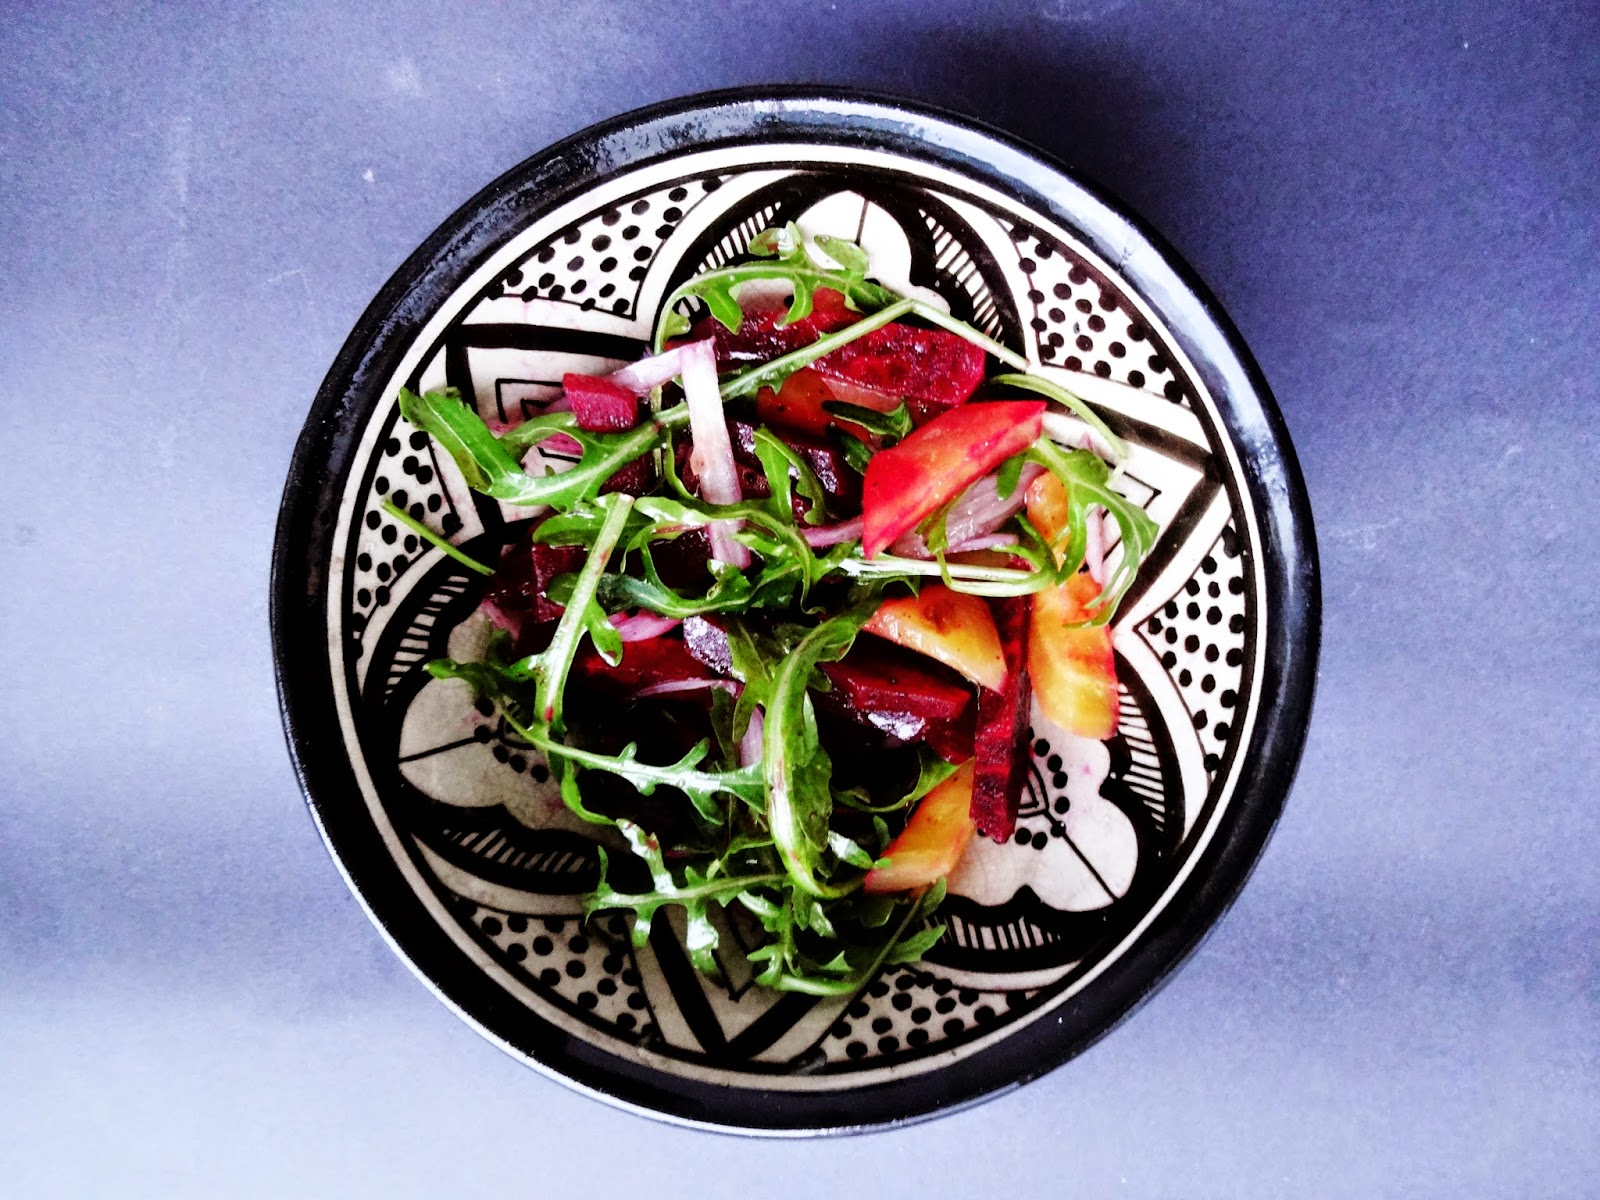 basteln malen kuchen backen roter und gelber randen rote beete als salat und carpaccio. Black Bedroom Furniture Sets. Home Design Ideas